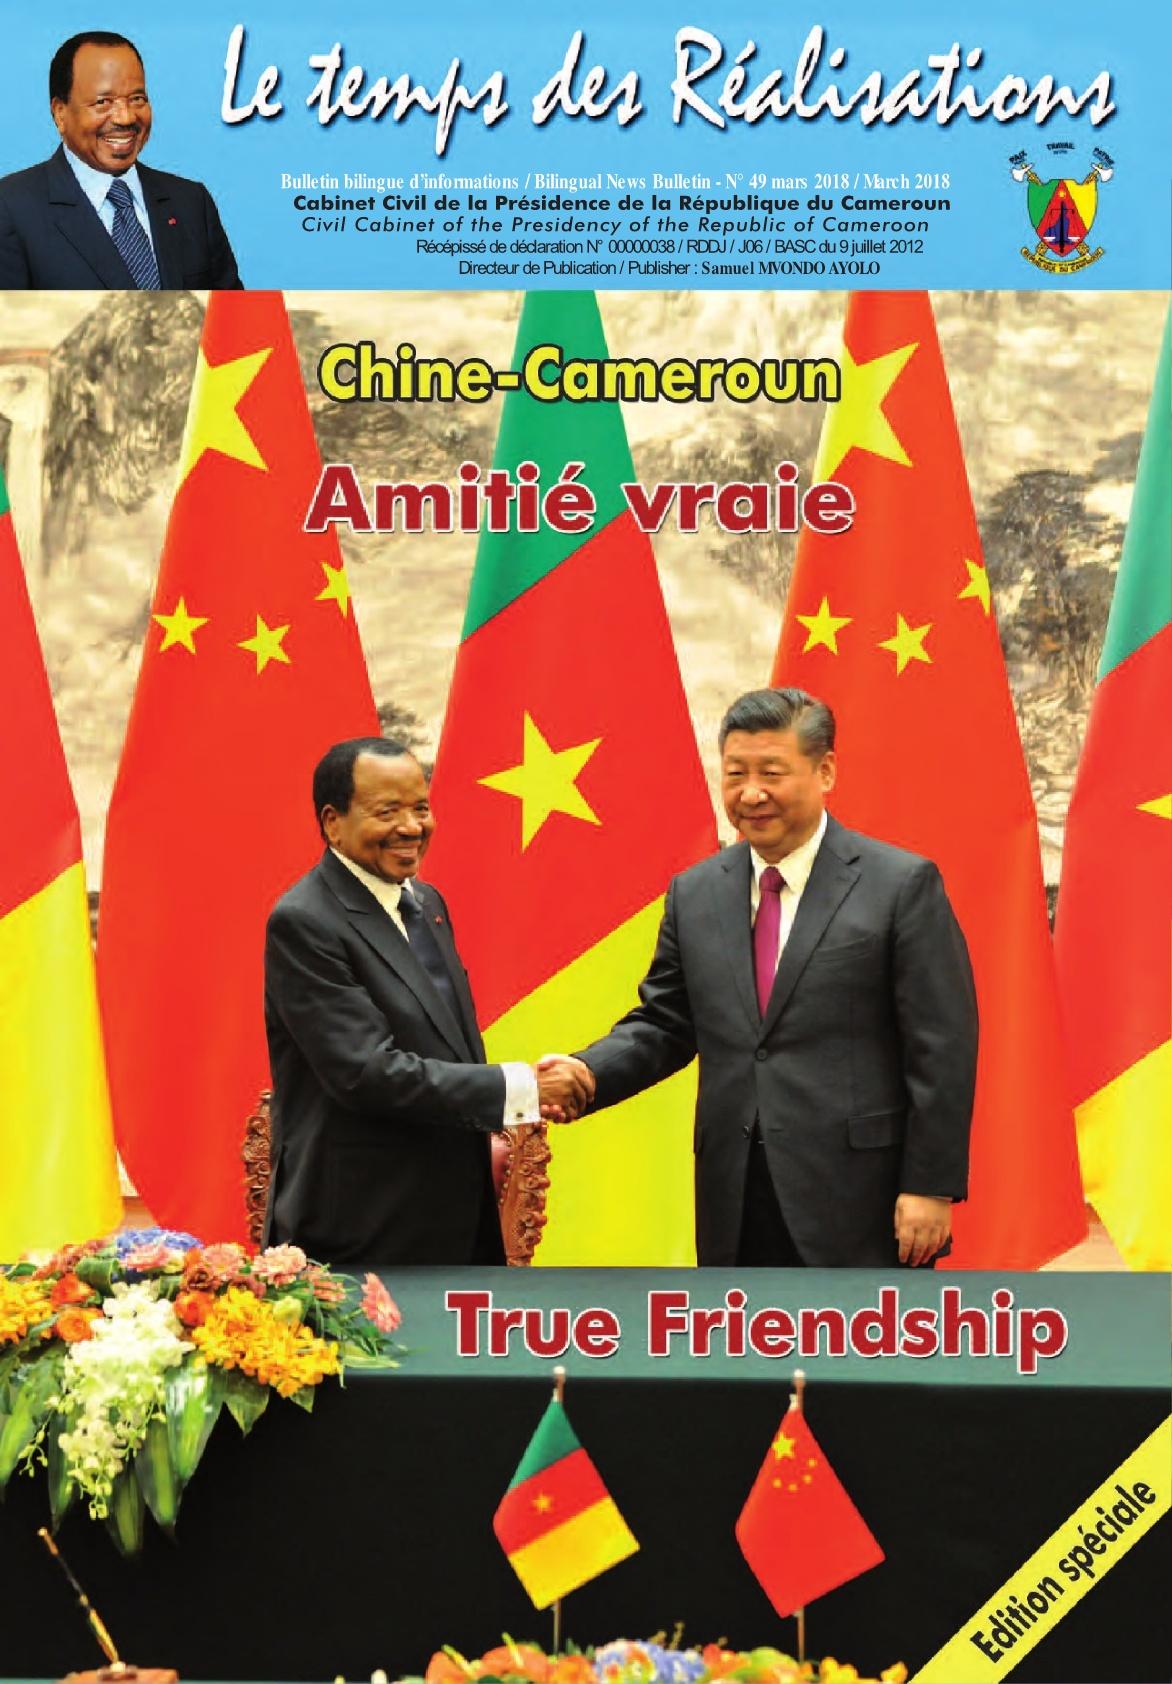 Présidence de la République du Cameroun <br/> 18/05/2018